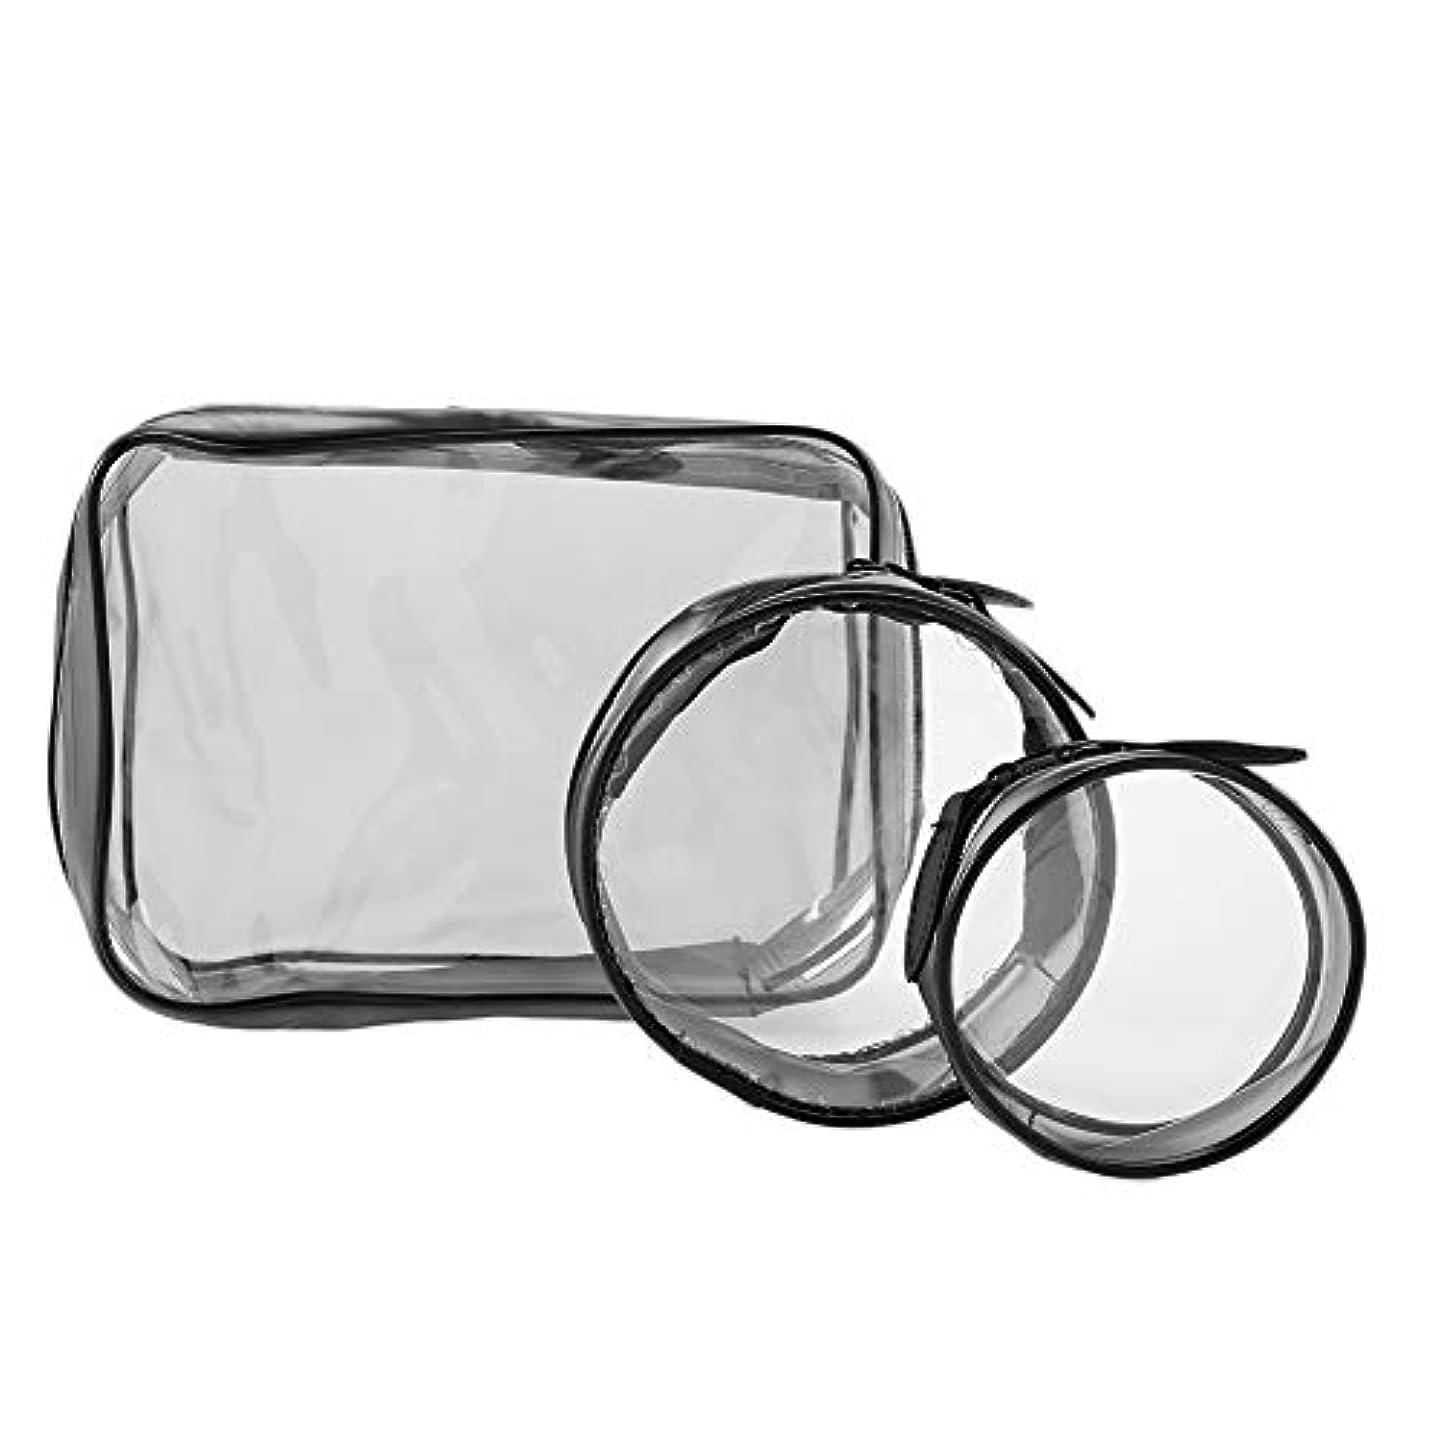 いっぱい省唇化粧ポーチ、携帯旅行収納バッグ シンプル 透明メイクバッグ 大容量 防水 円形 ラスナーデザインツアーバッグ(スリーピーススーツ)